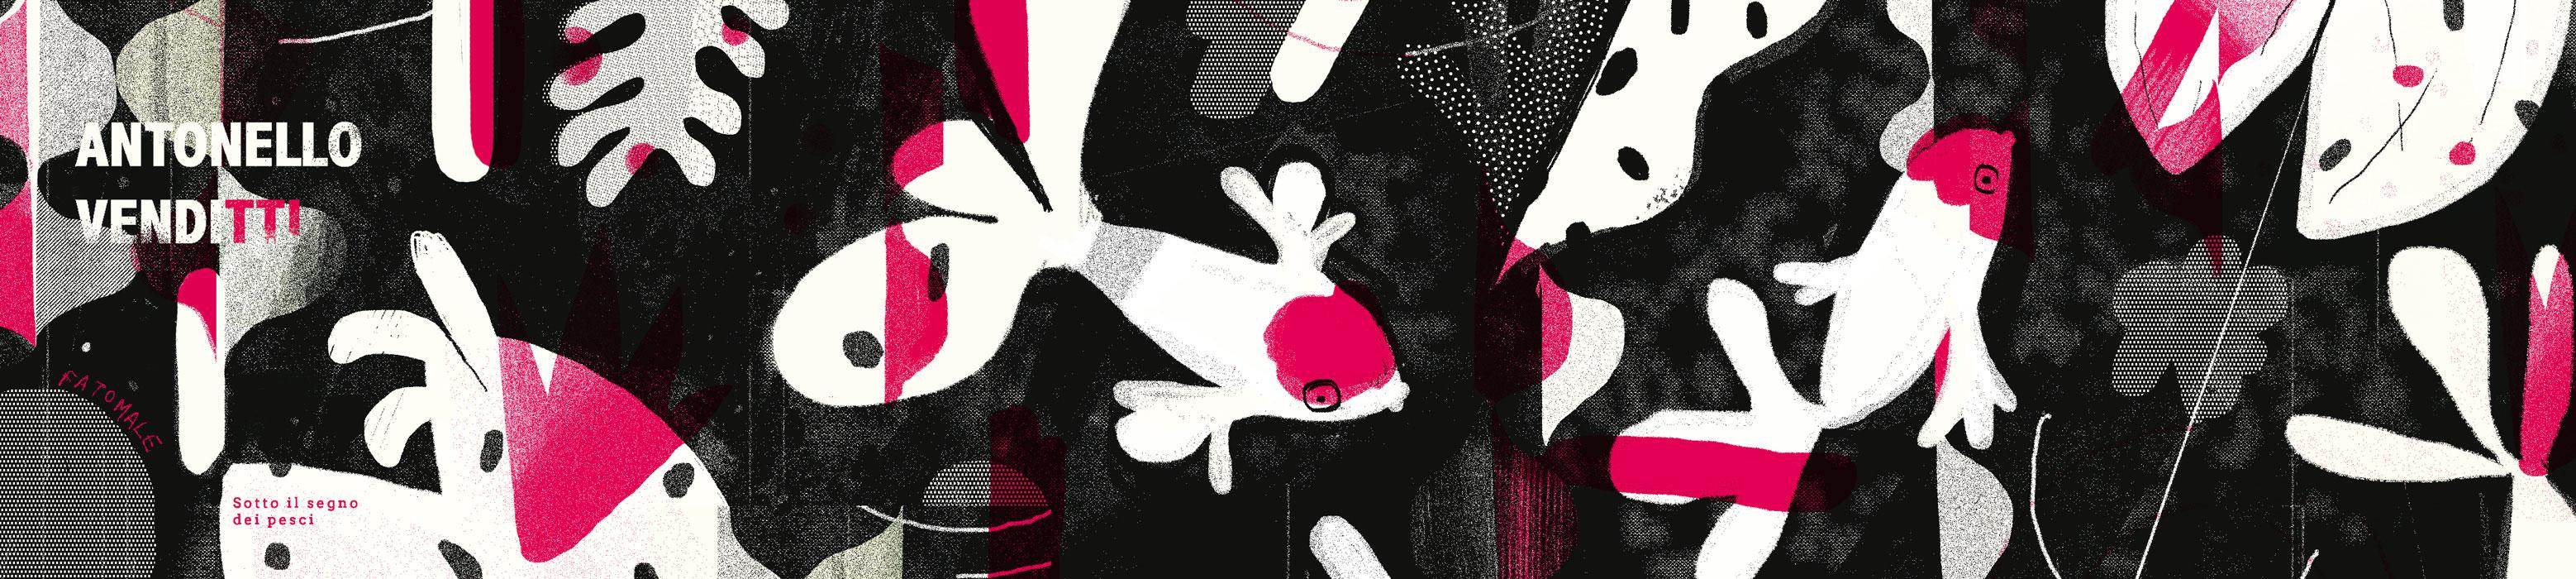 Antonello Venditti - Sotto Il Segno Dei Pesci (Fatomale)